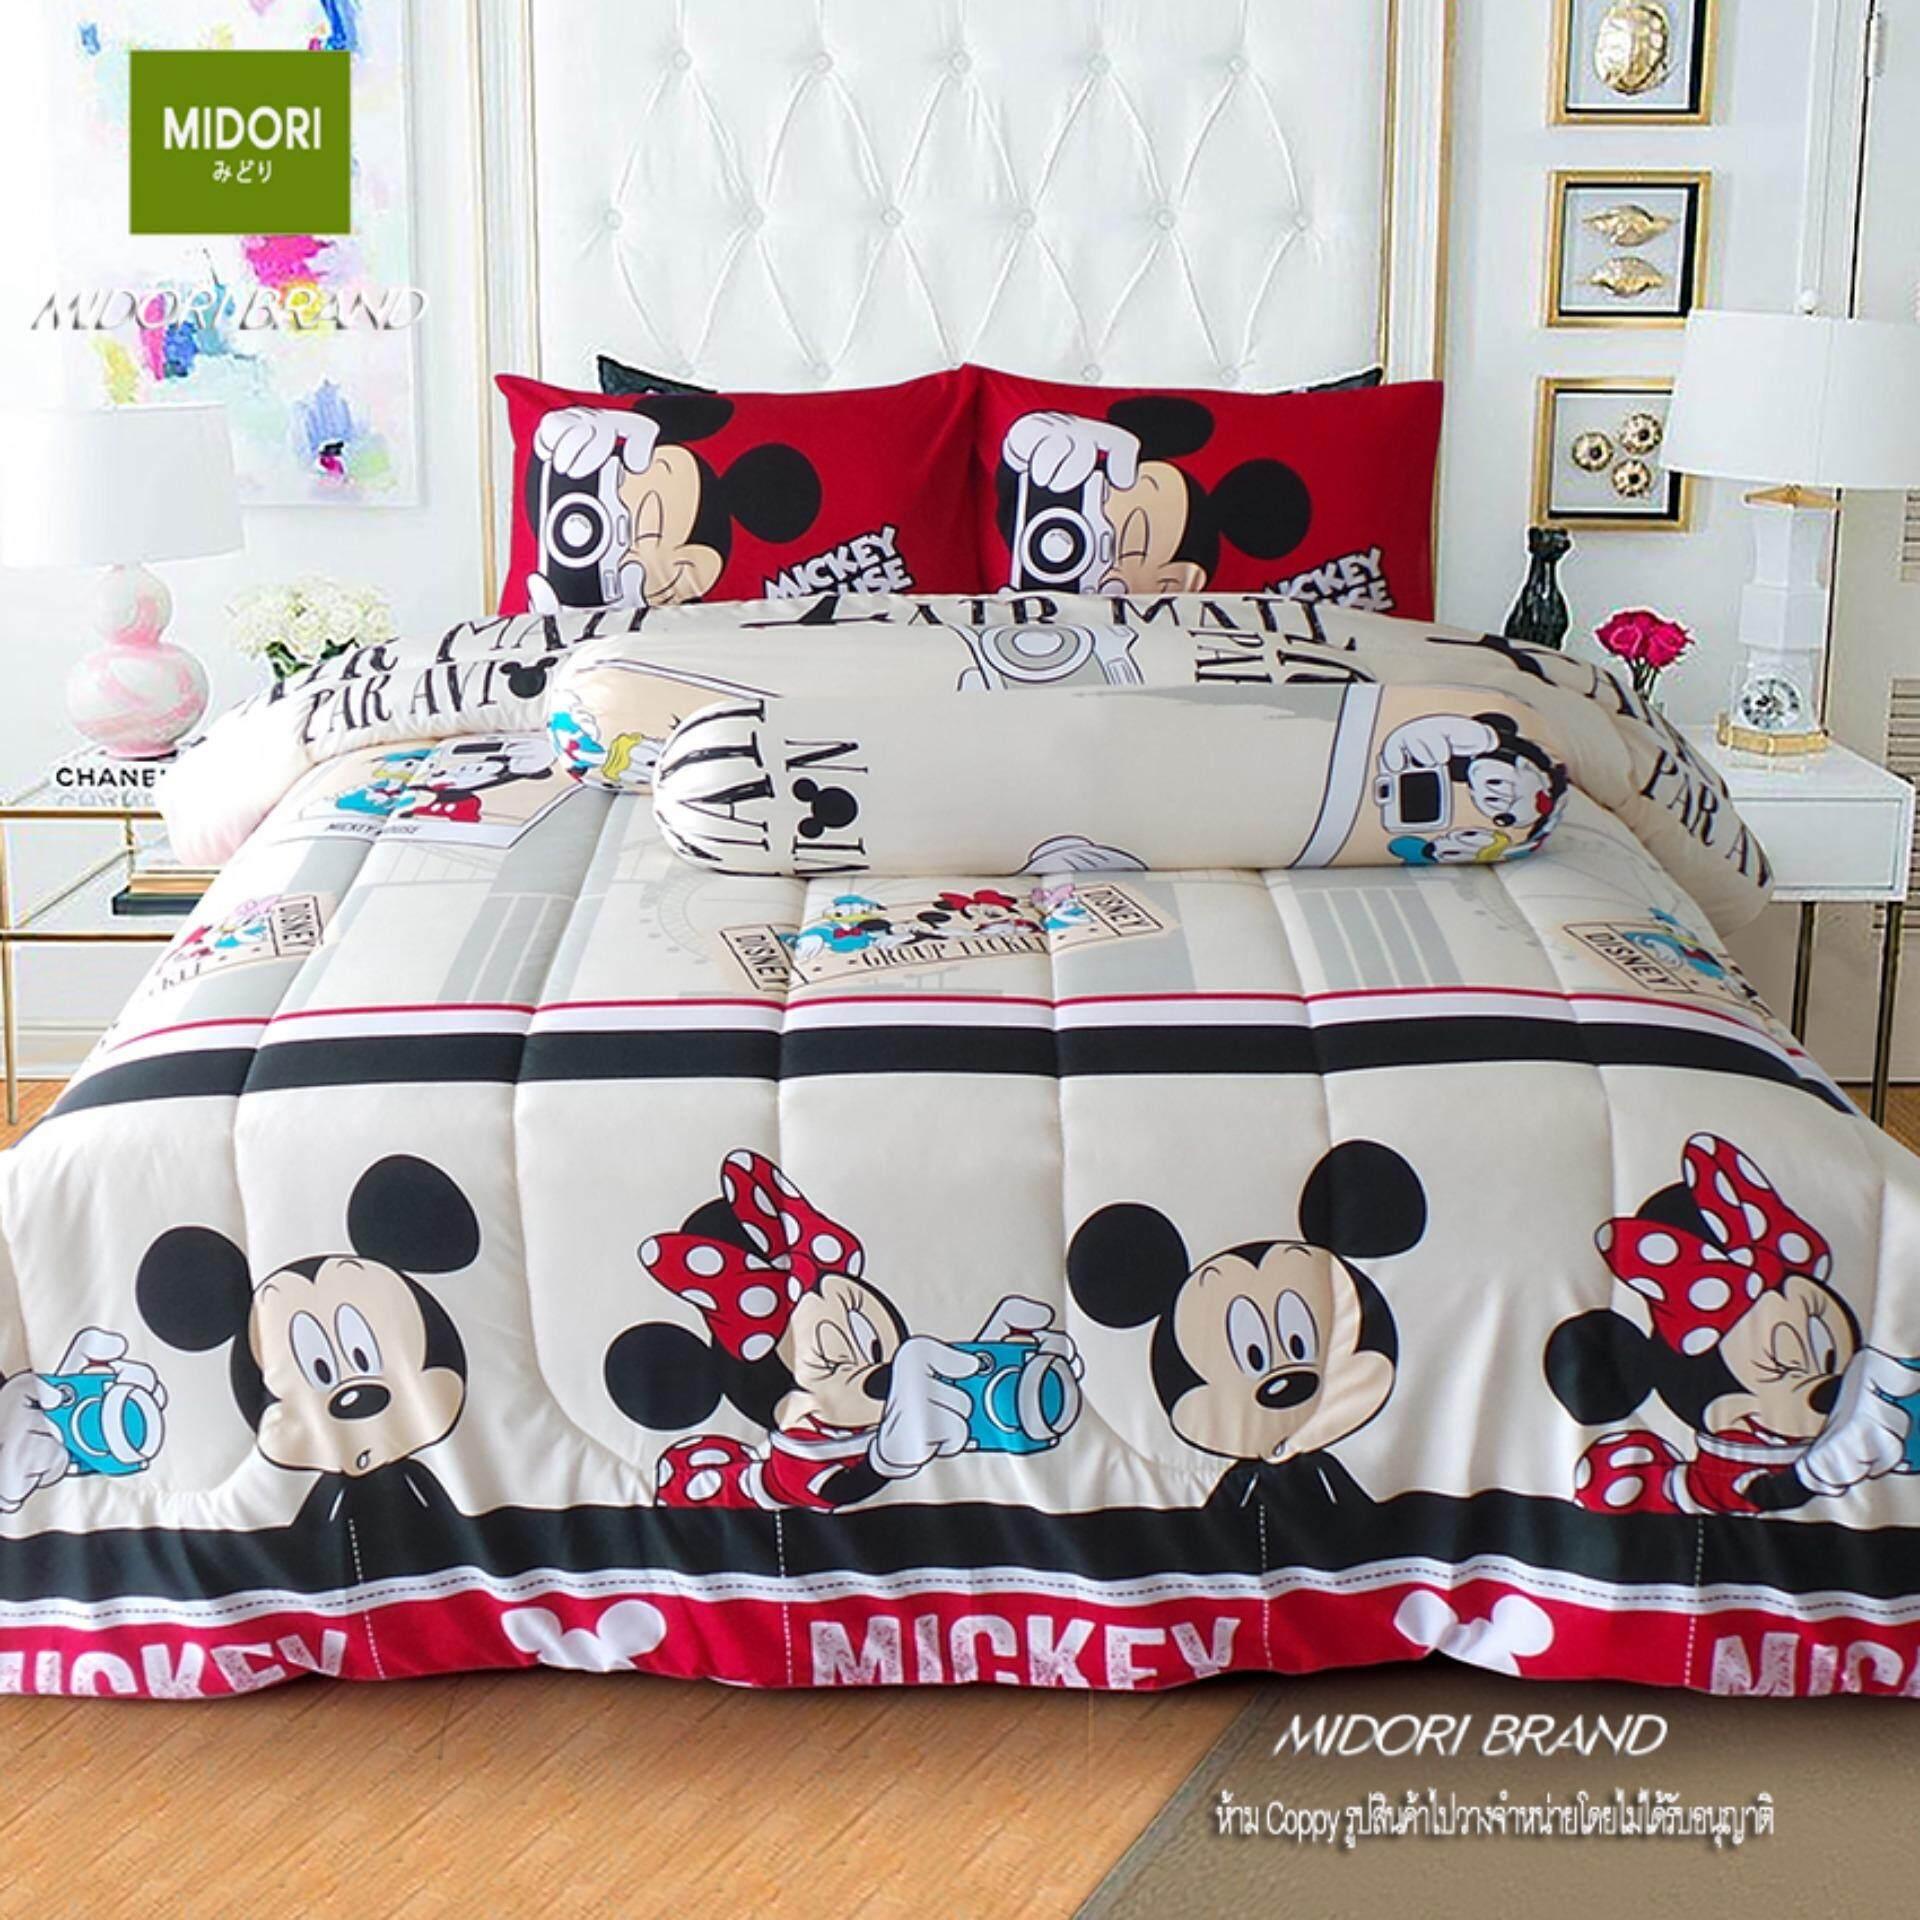 ขาย Midori ชุดเครื่องนอน Set 5 ฟุต 6 ชิ้น รุ่น Trendsetter ลาย Mickey Travel Good Bedding ใน ไทย